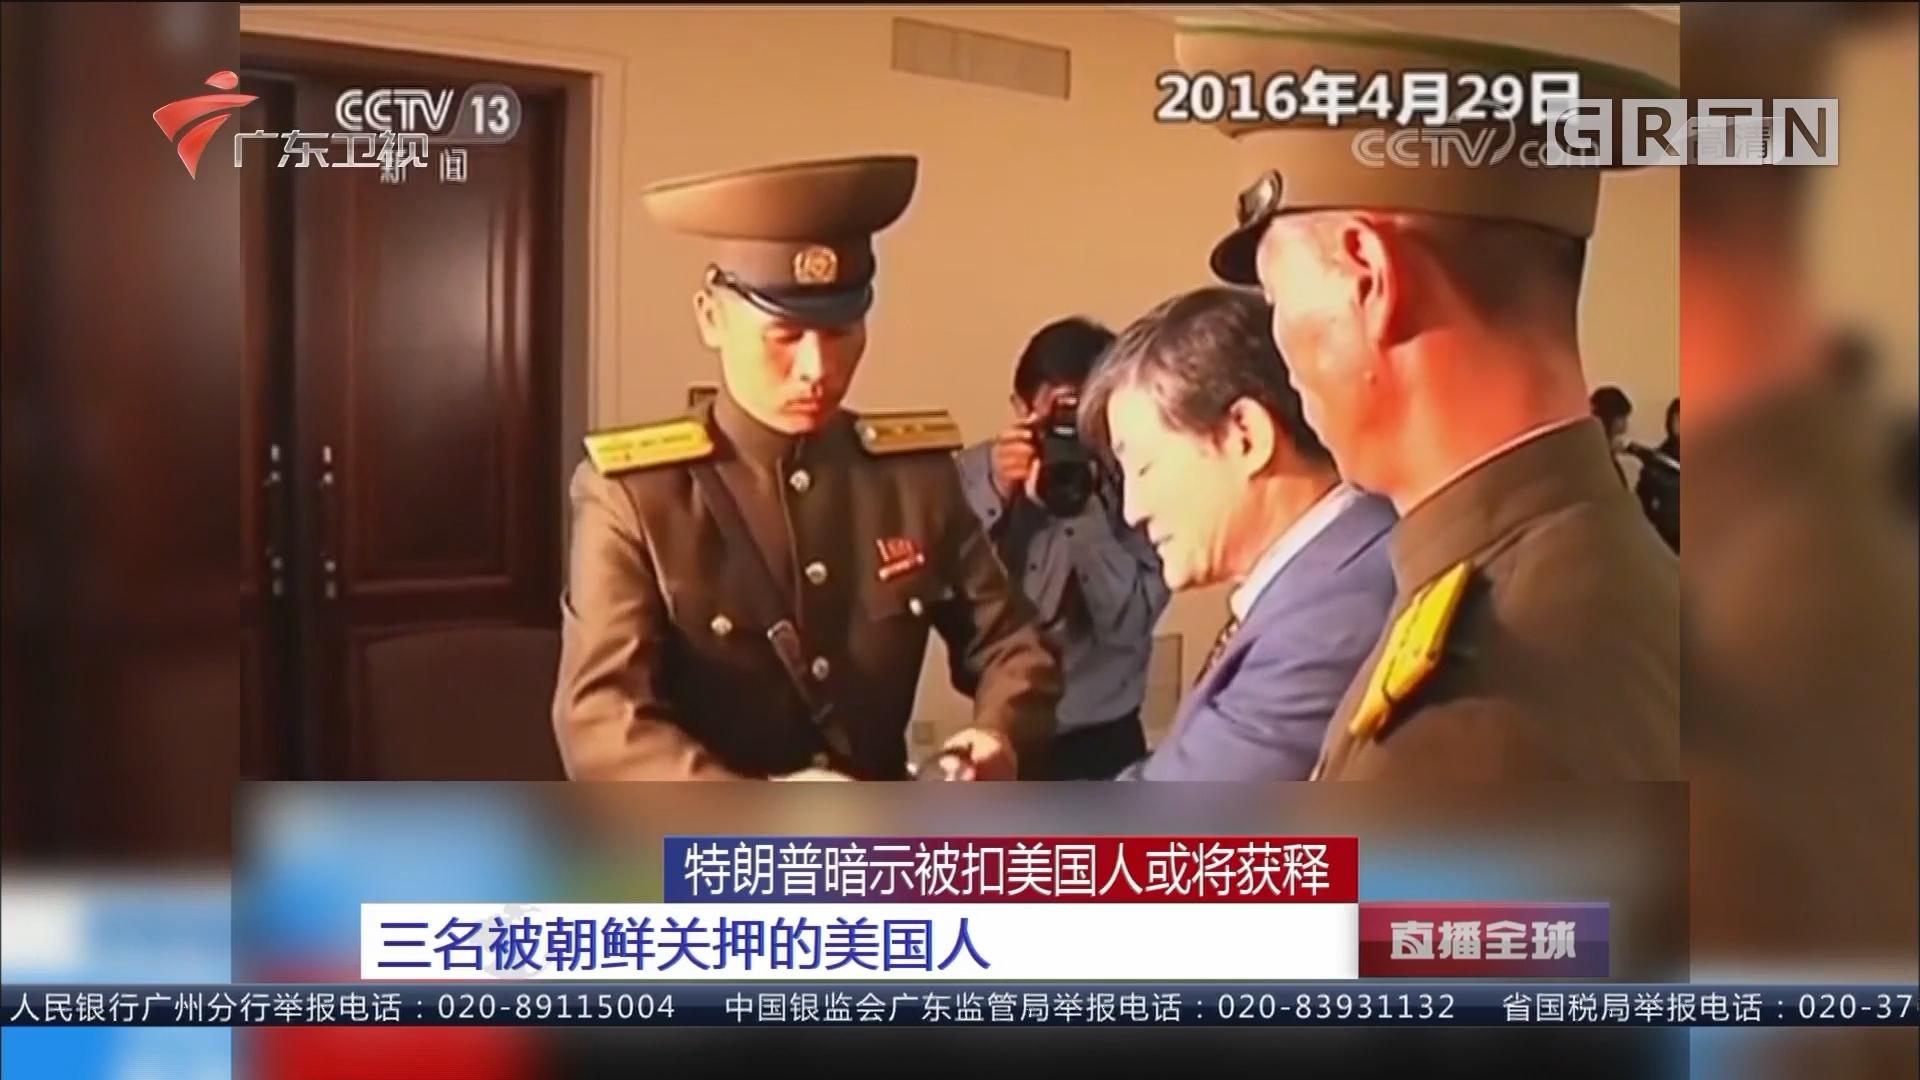 特朗普暗示被扣美国人或将获释 三名被朝鲜关押的美国人